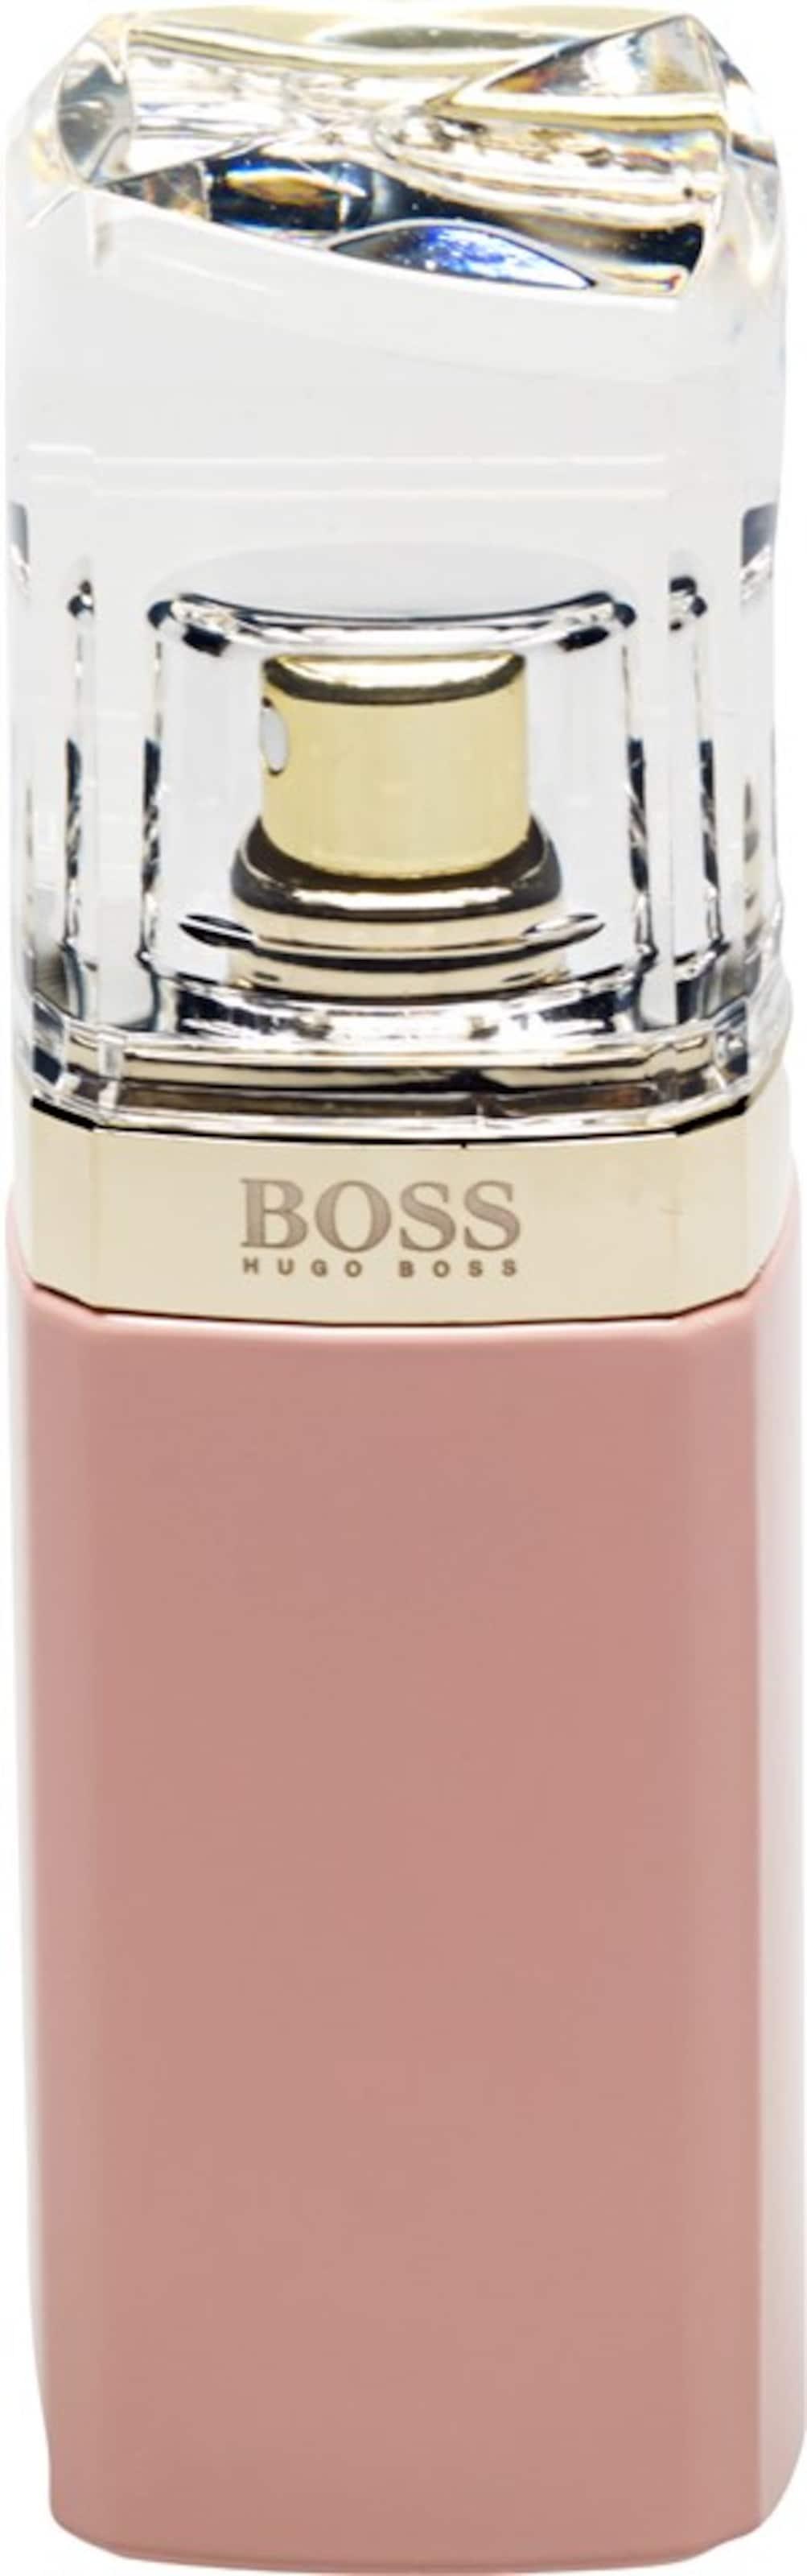 HUGO BOSS 'Ma Vie' Eau de Parfum Bester Ort Zum Verkauf Günstig Kaufen In Deutschland Freies Verschiffen Große Überraschung Manchester Große Online-Verkauf Shop Günstig Online CJ5W60